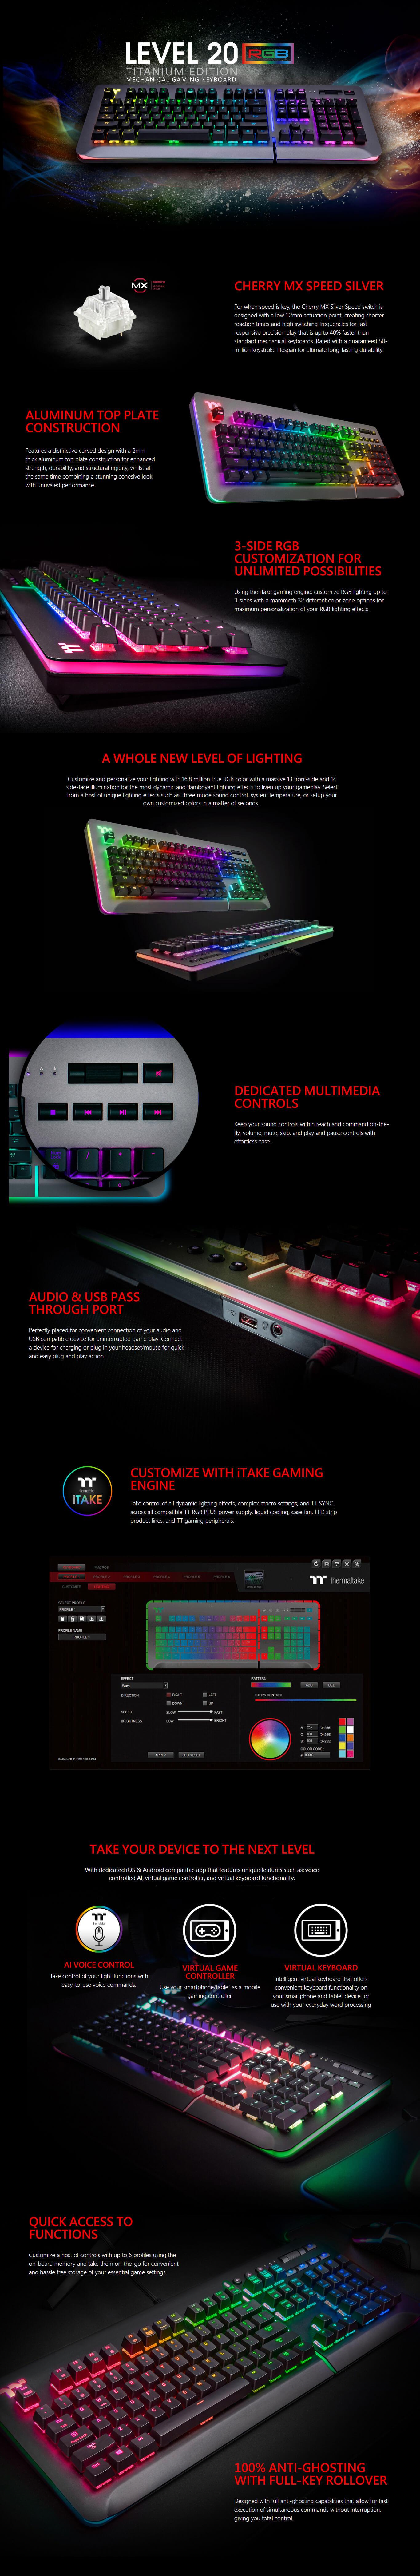 Thermaltake Level 20 RGB Titanium Cherry MX Speed Silver Switches